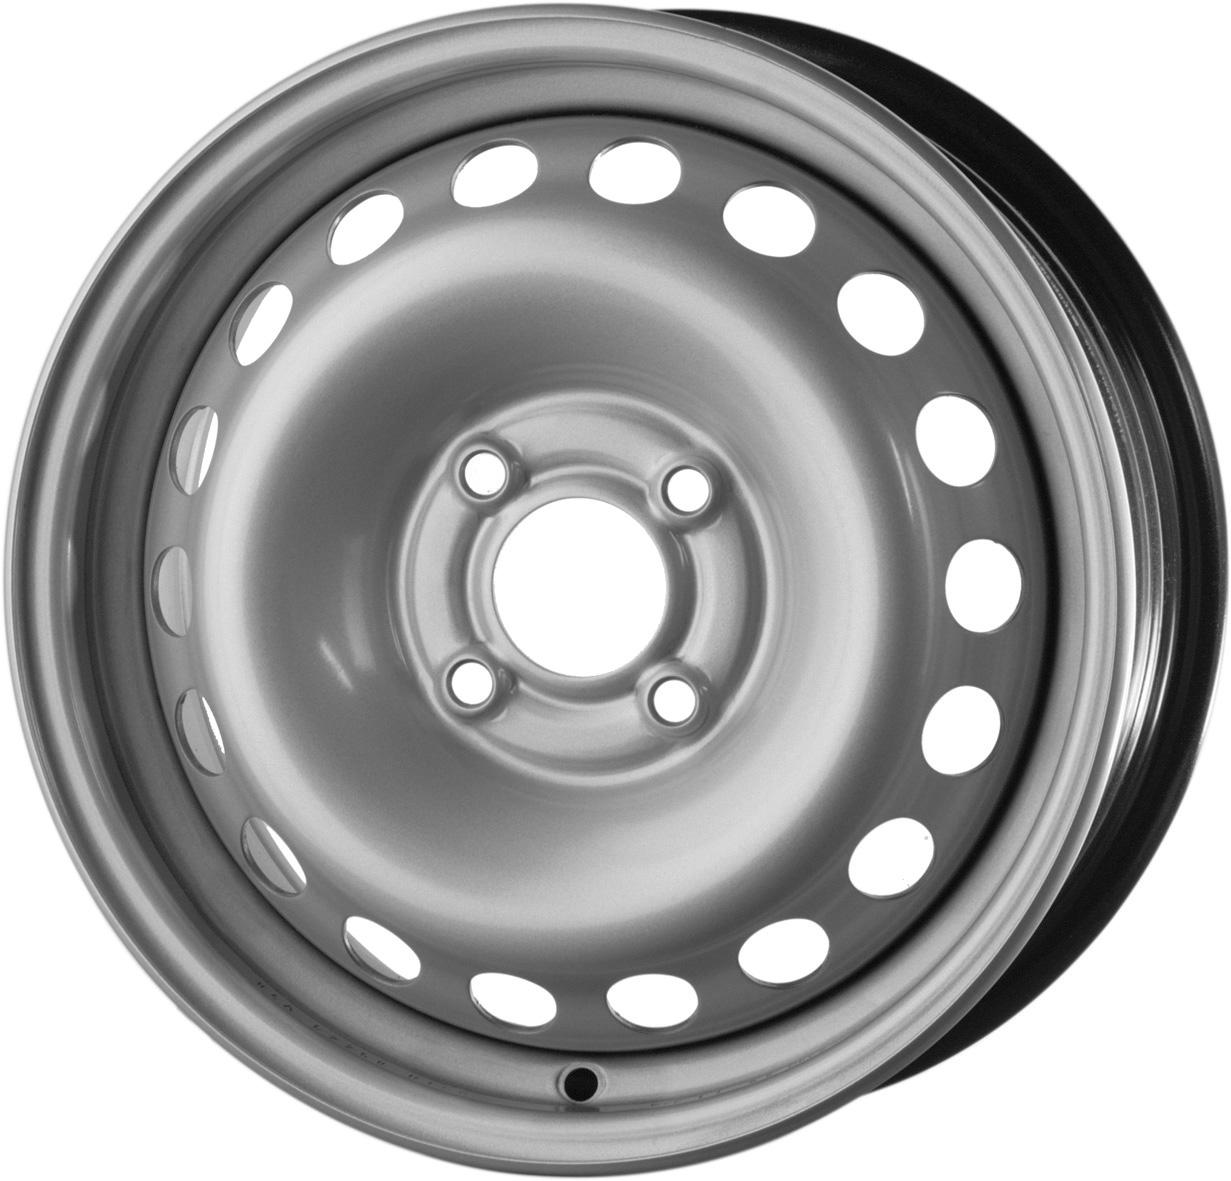 Vorschau: 14″ Stahlrad Winter für Mercedes Citan Kasten 109 CDI (X) Kumho WP51 185/70 R14 88T